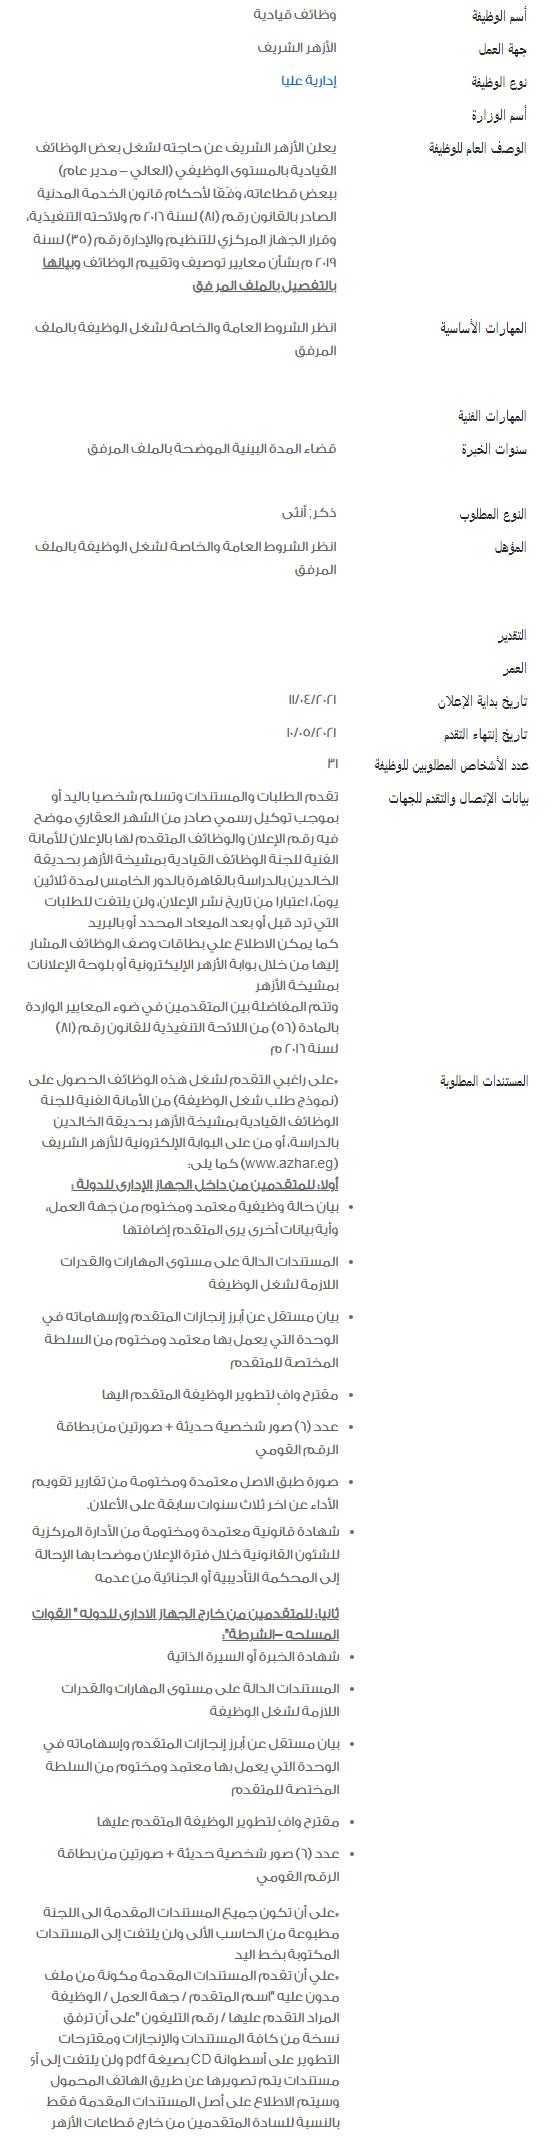 وظائف الحكومة المصرية لشهر مايو 2021 وظائف بوابة الحكومة المصرية 1